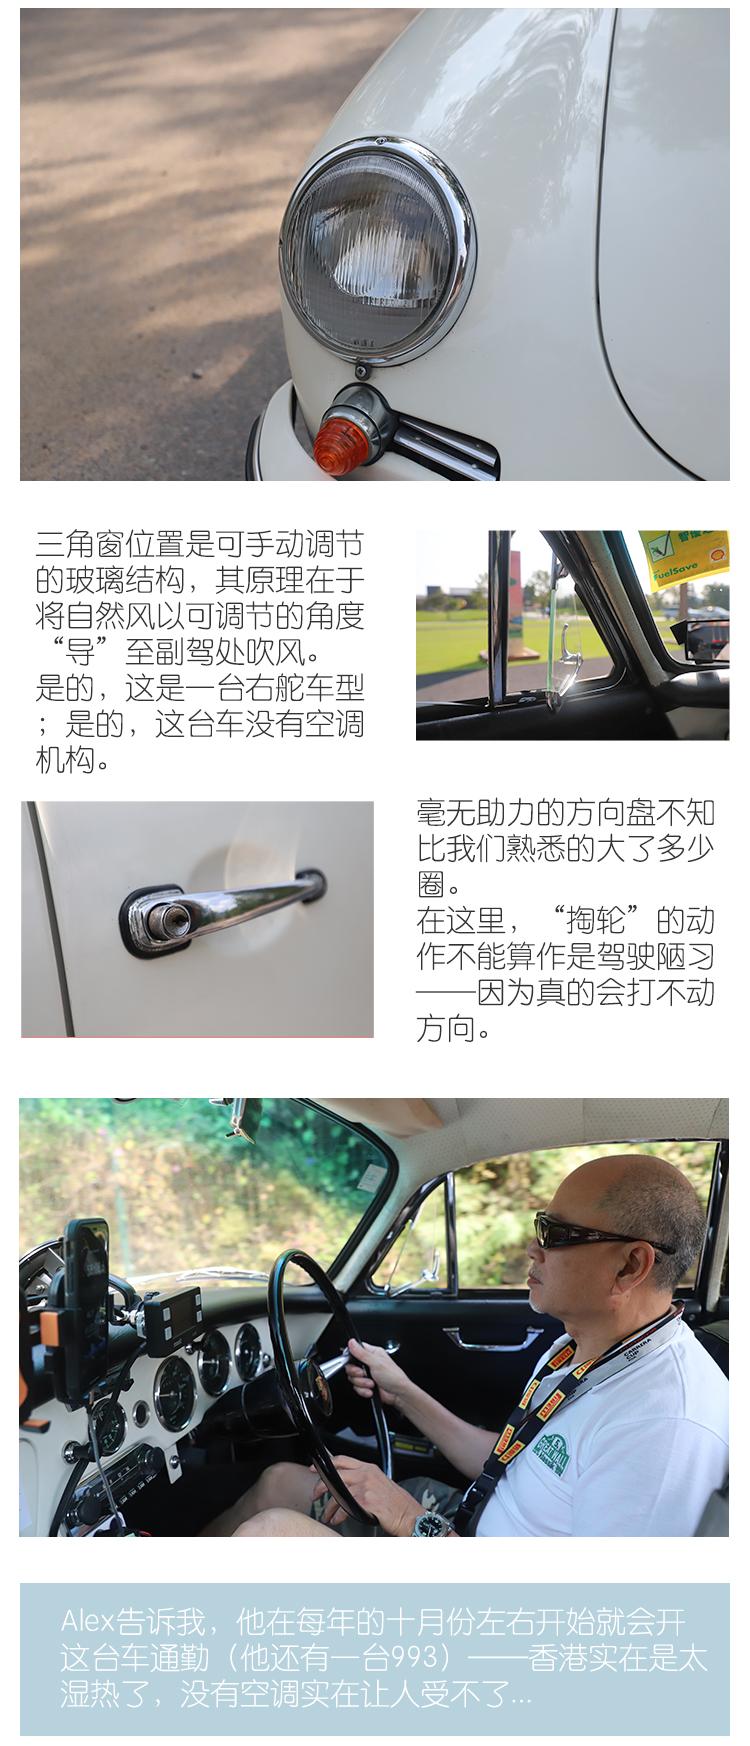 保时捷:长城国际经典车拉力赛游记,听听车主怎么说